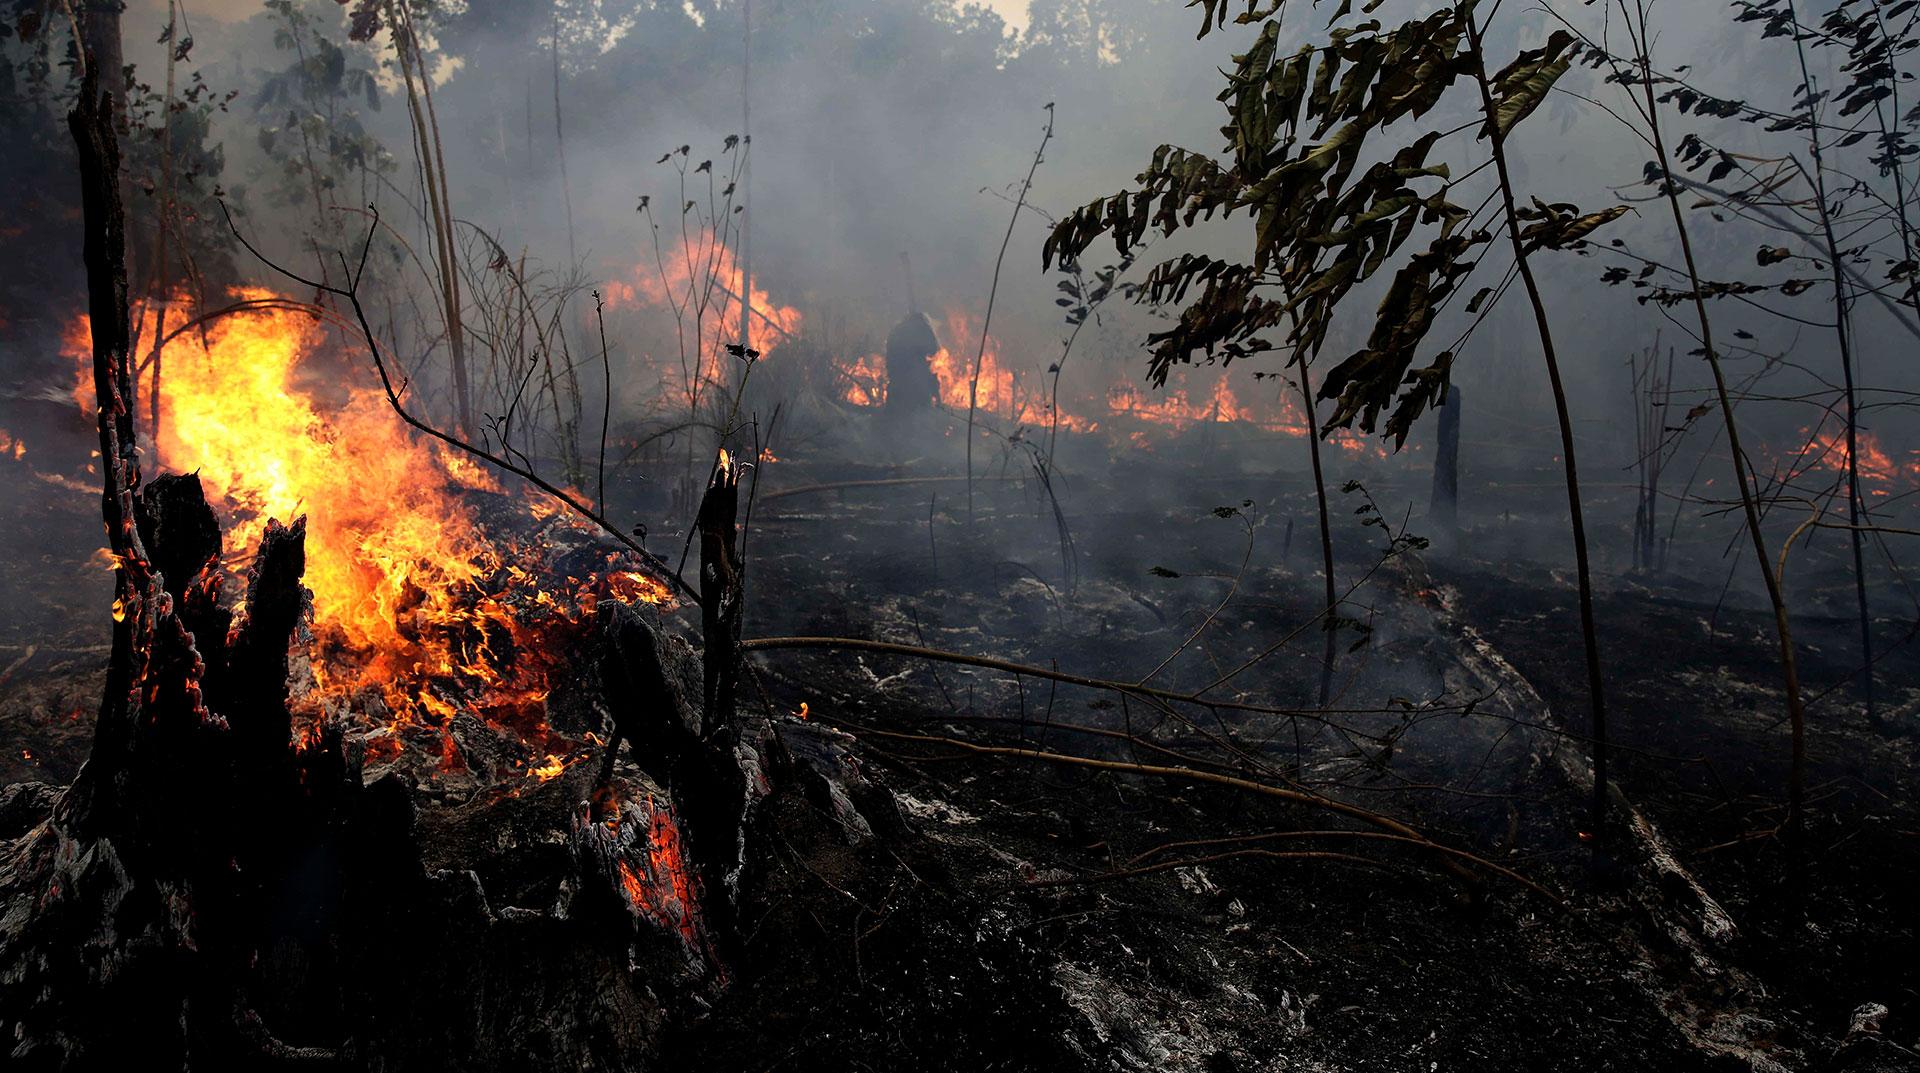 İhmal Sonucu, Ormanlar Kül Oluyor, Geçen Yılın Rakamı: 6500 Hektar